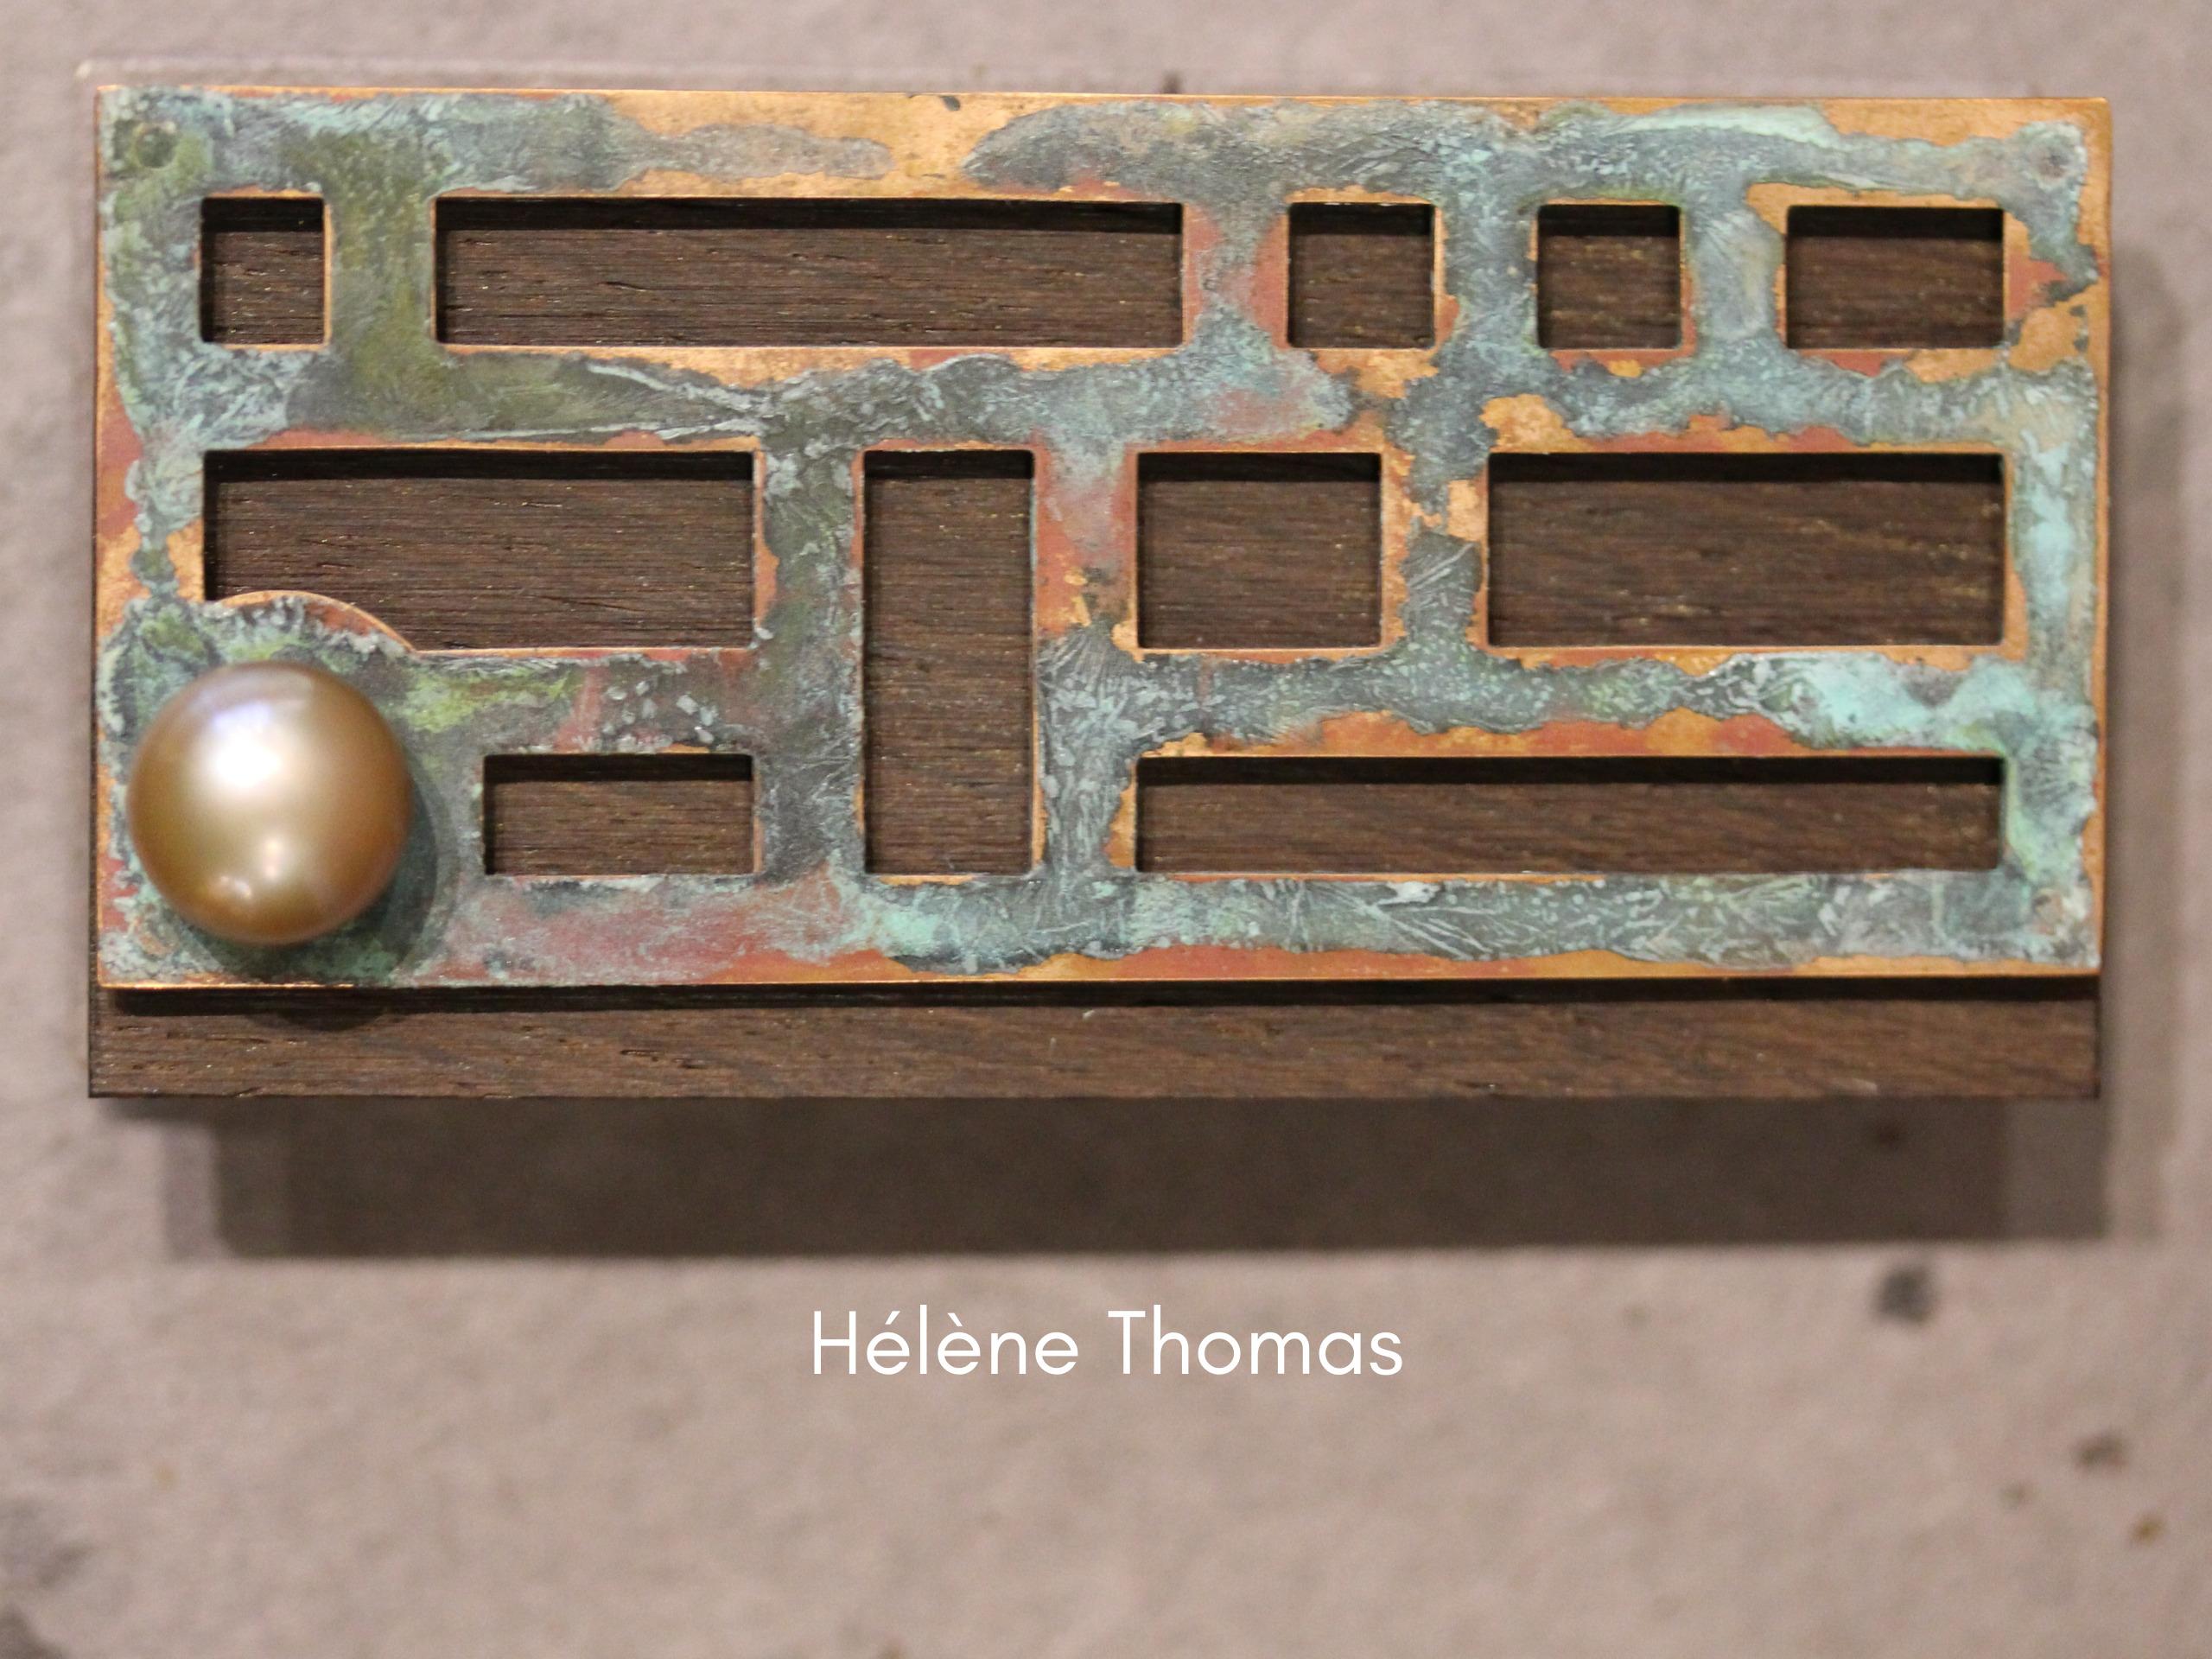 photographie représentant une broche de Hélène Thomas avec une perle sertie sur un ensemble reprenant le thème des fenêtres.